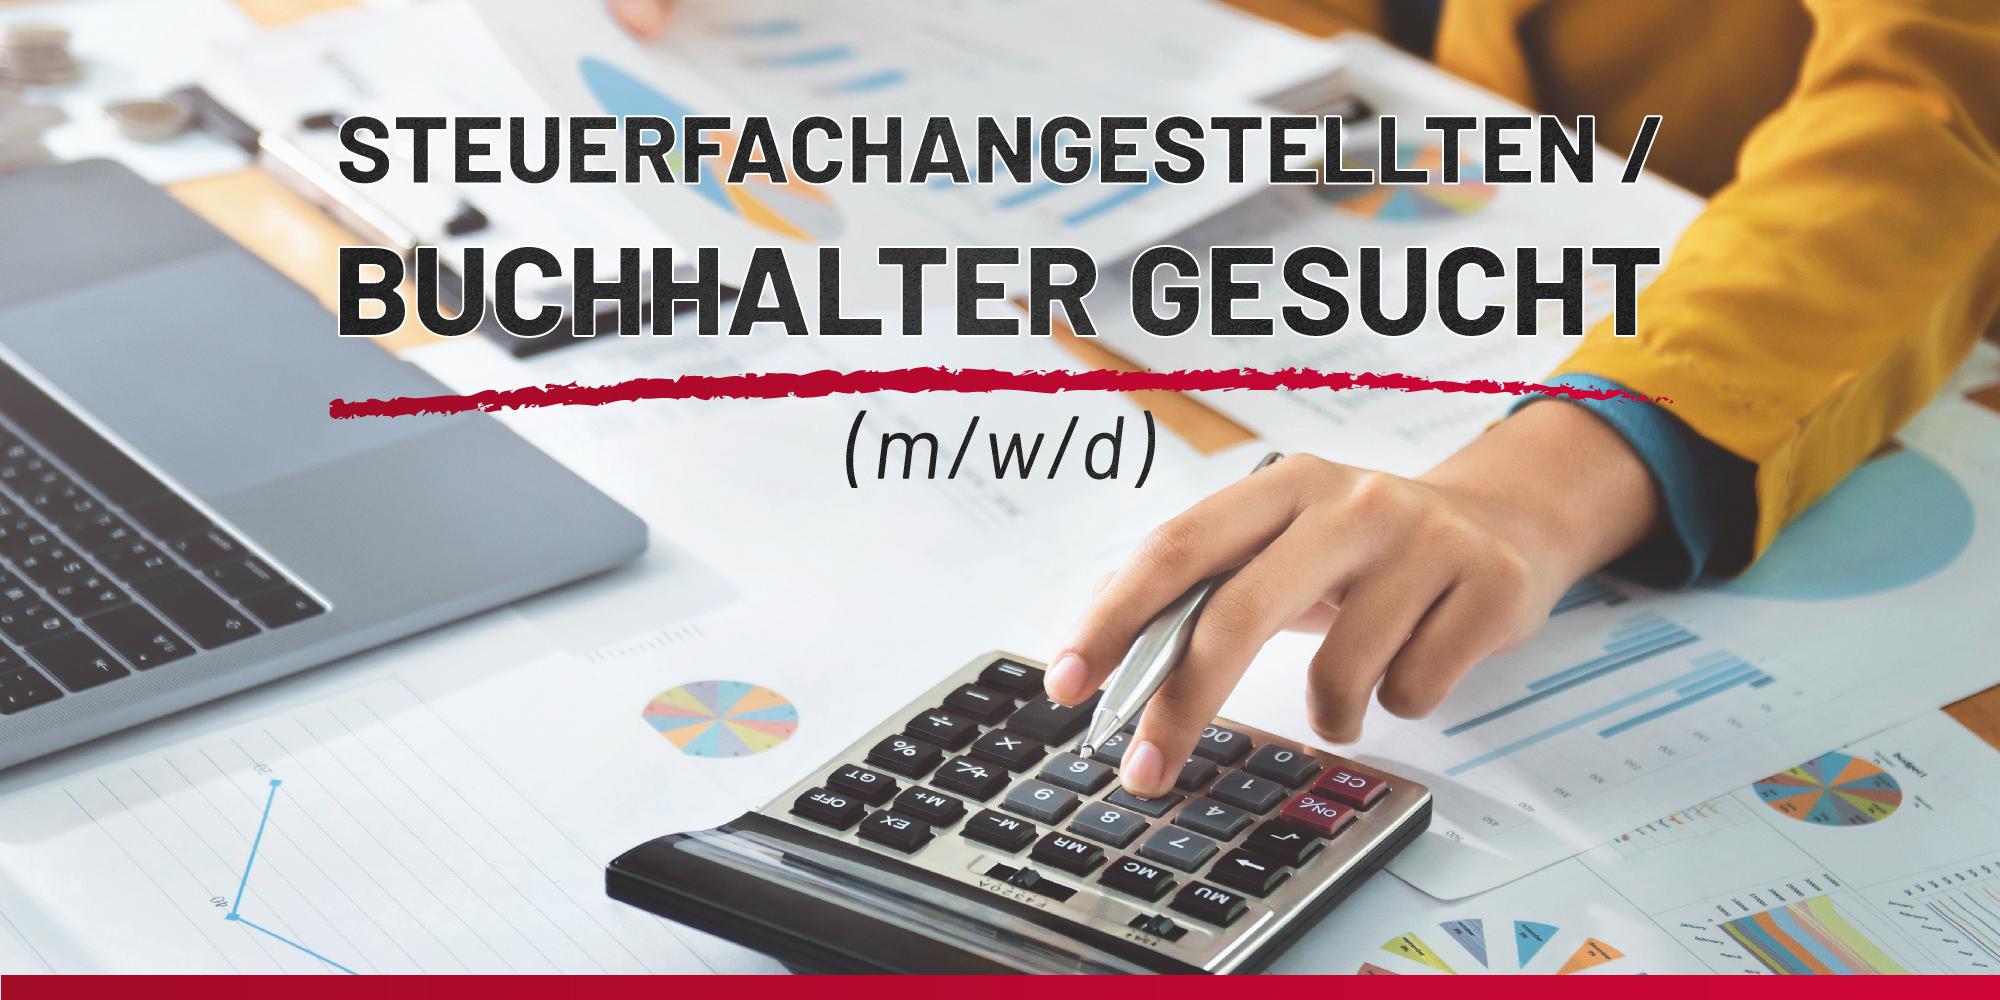 Steuerfachangestellten / Buchhalter (m/w/d) DOMUS Regiobau GmbH | Job Thumbnail